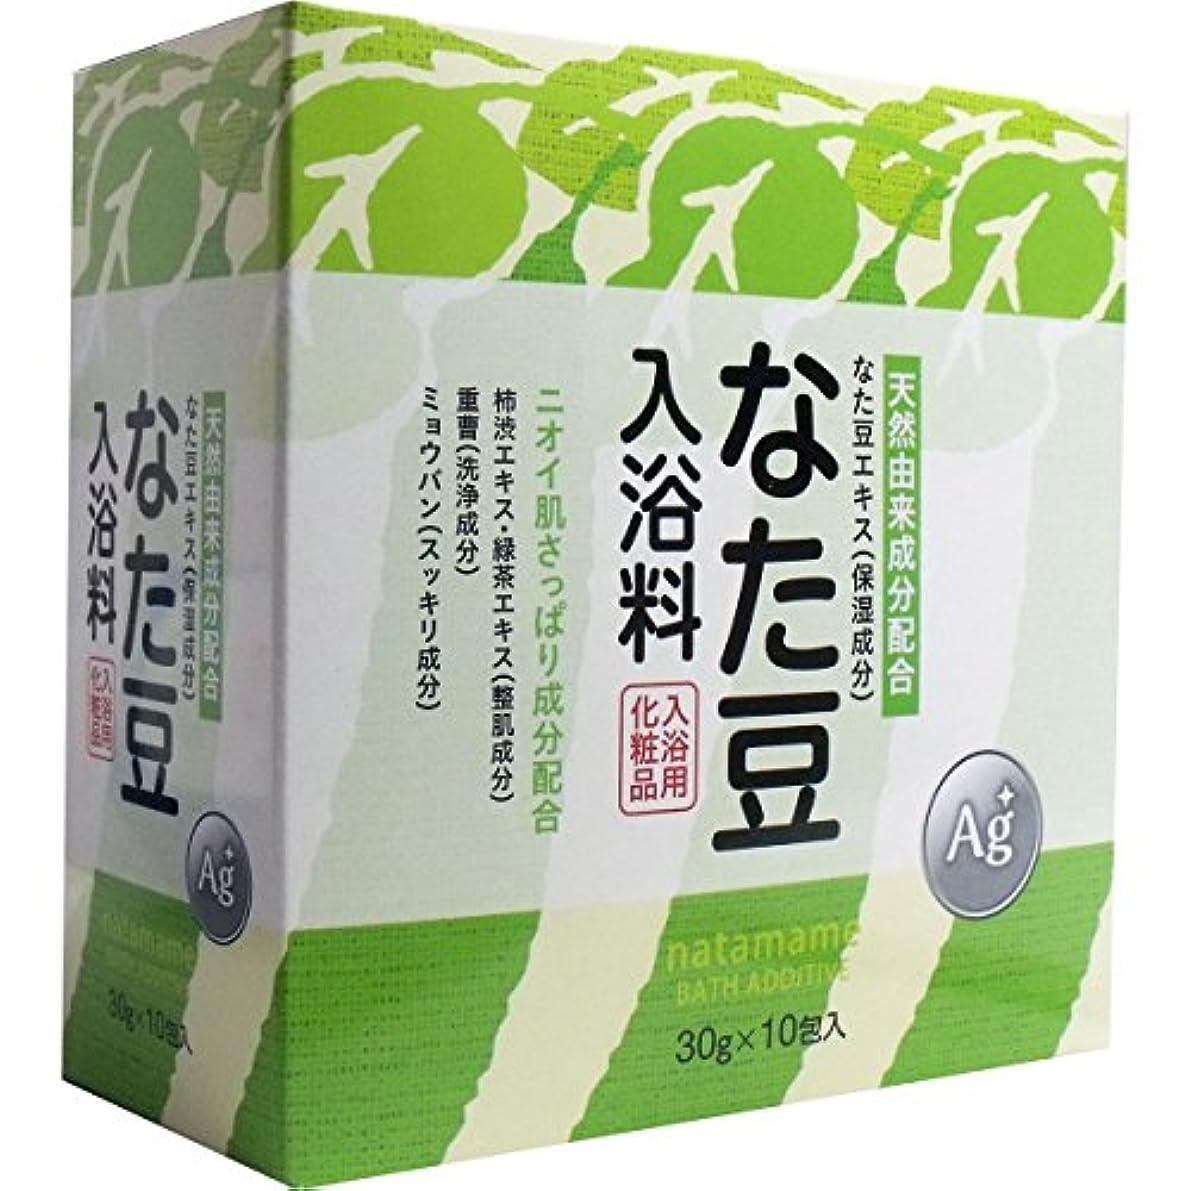 適合する青写真スナッチなた豆入浴料 入浴用化粧品 30g×10包入×2